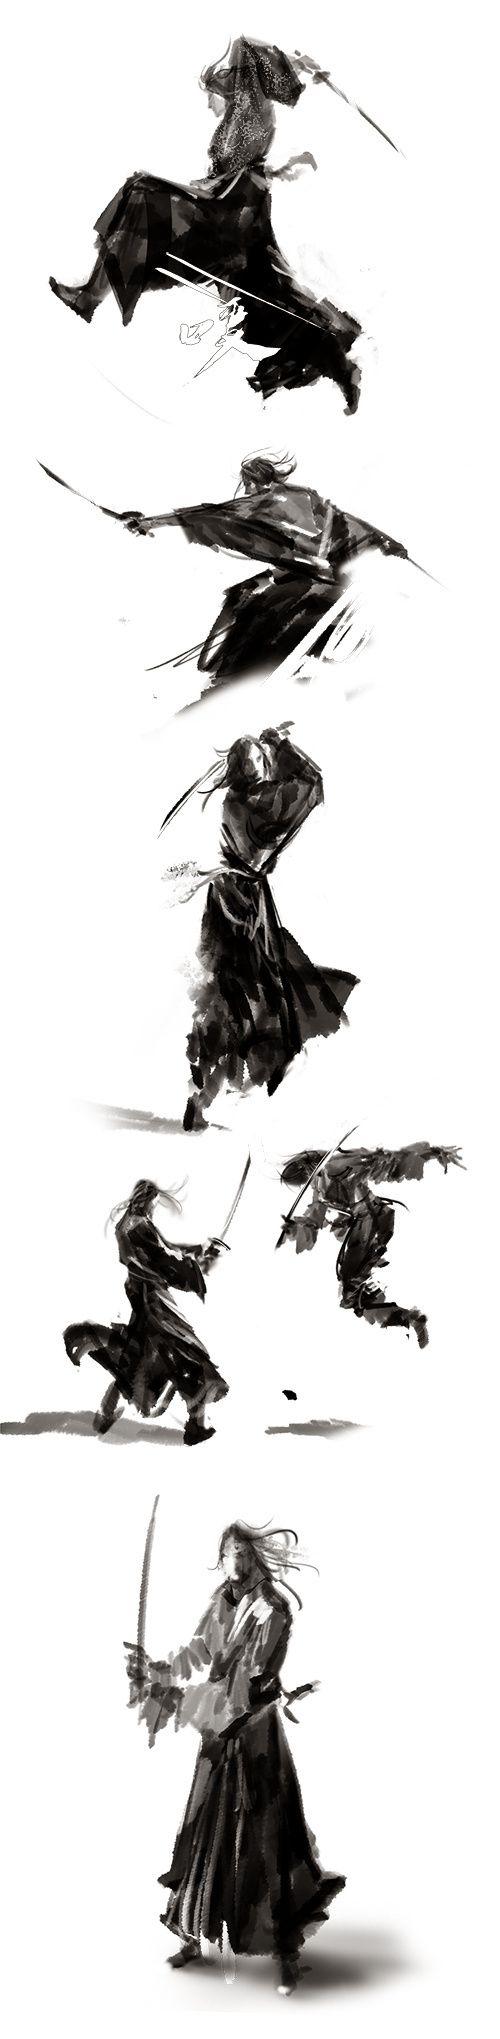 Samurai attack